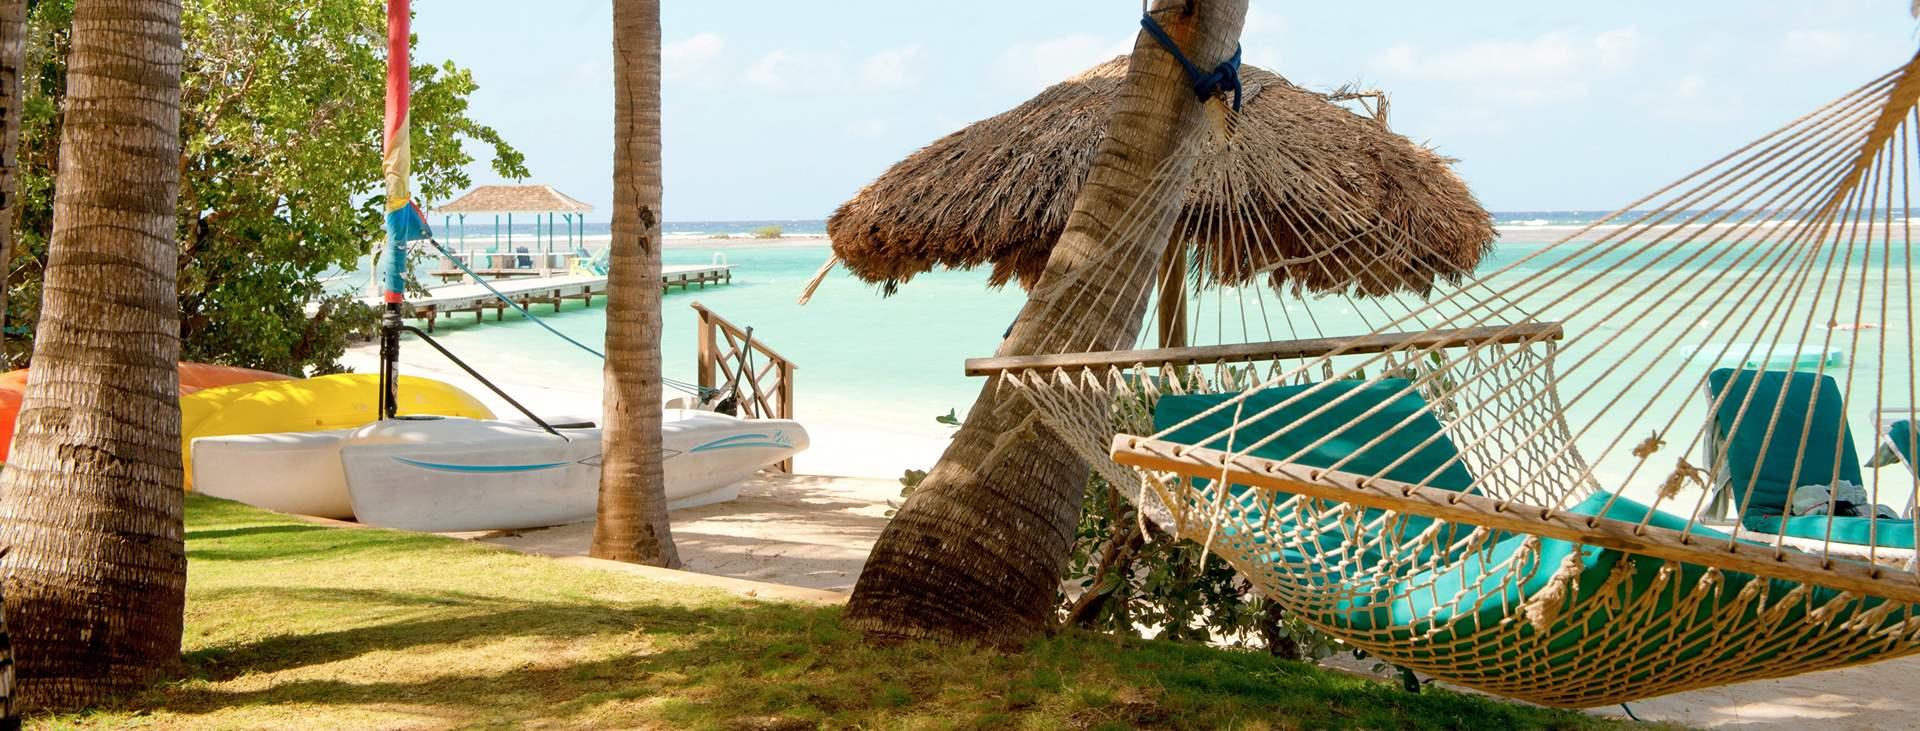 Bestill en reise til Montego Bay på Jamaica med Ving